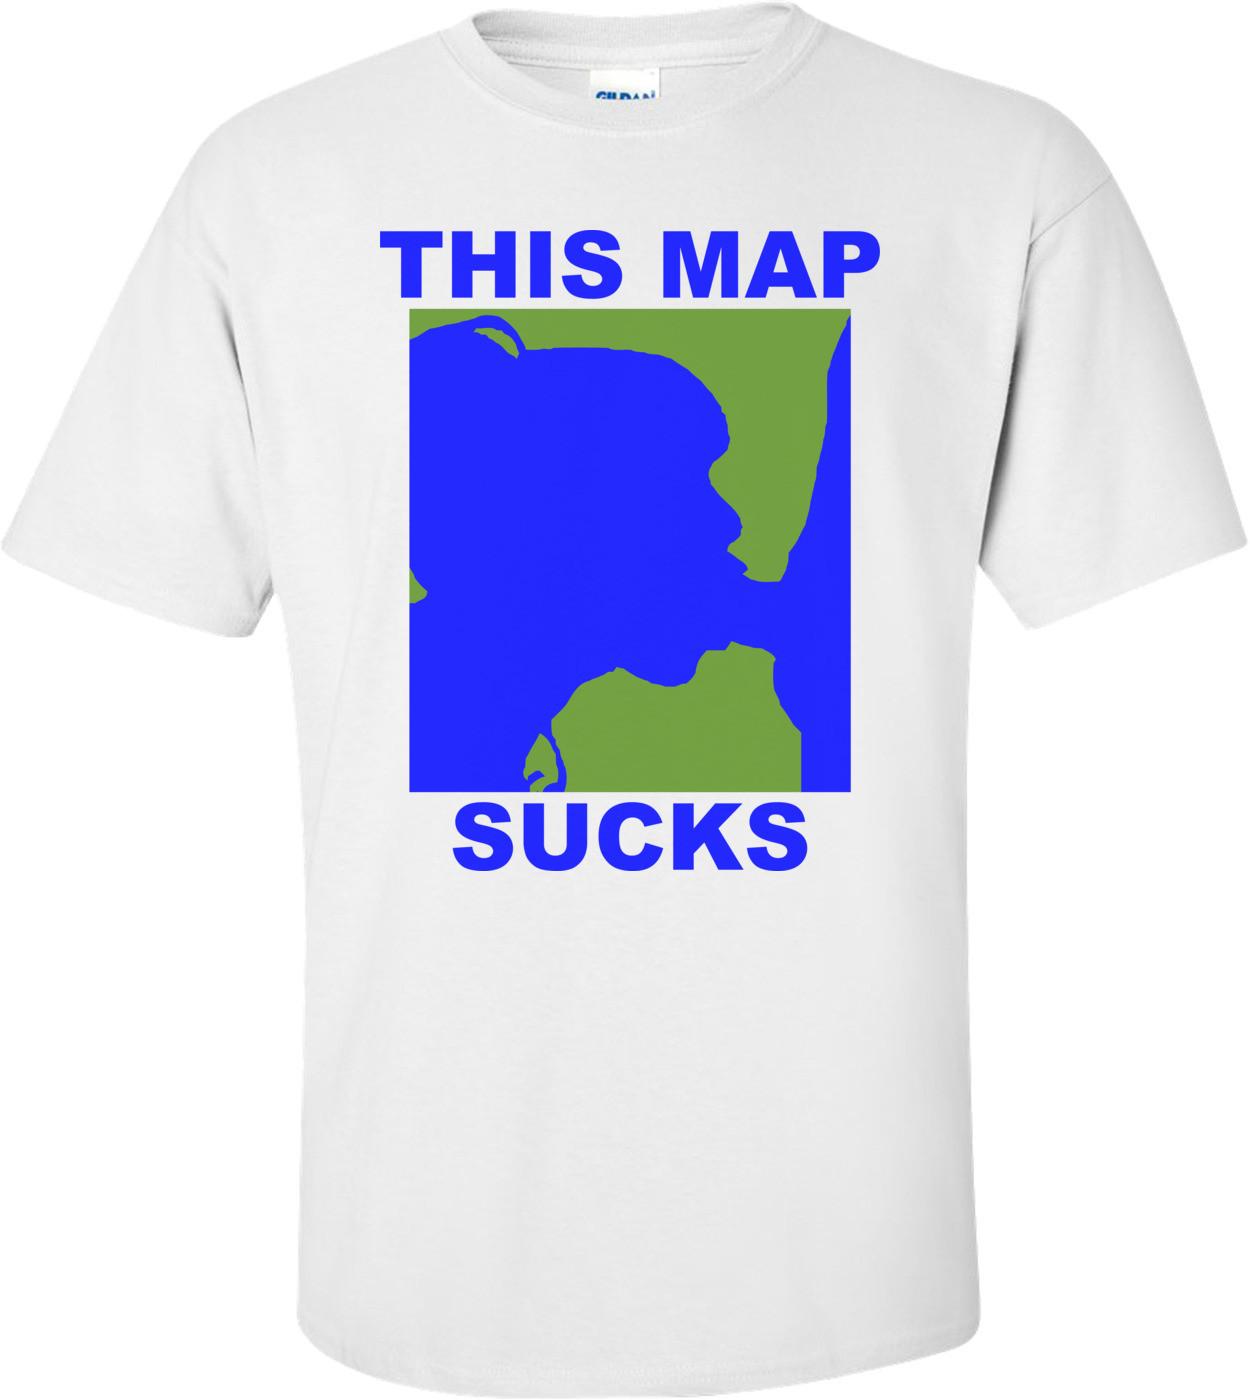 This Map Sucks Shirt